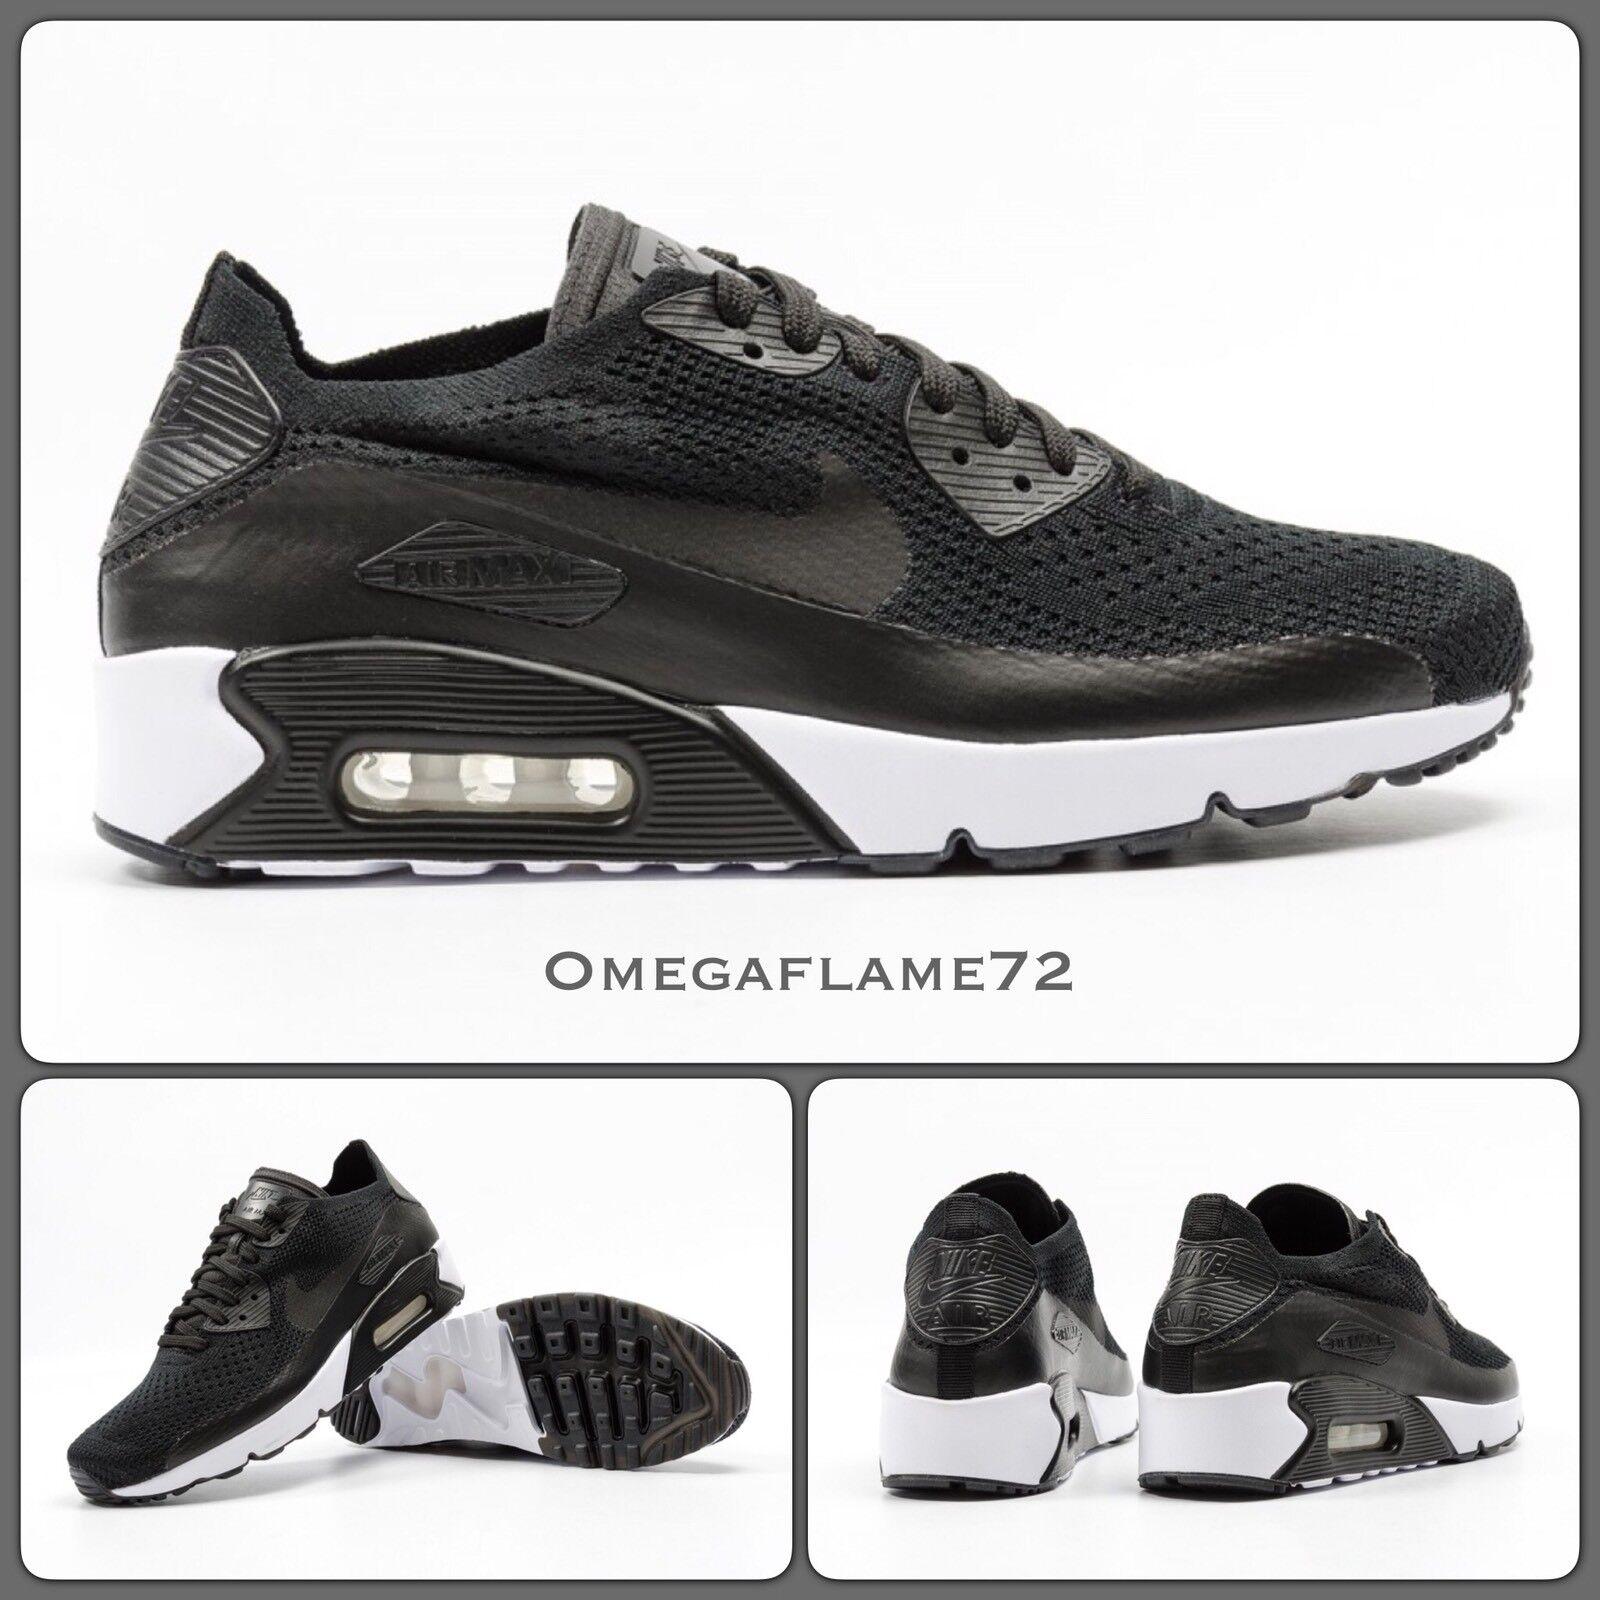 Nike Air Max 90 Ultra 2.0 Flyknit 875943-004,11.5 EUR blanc 47 US 12.5 noir blanc EUR 14a5ae